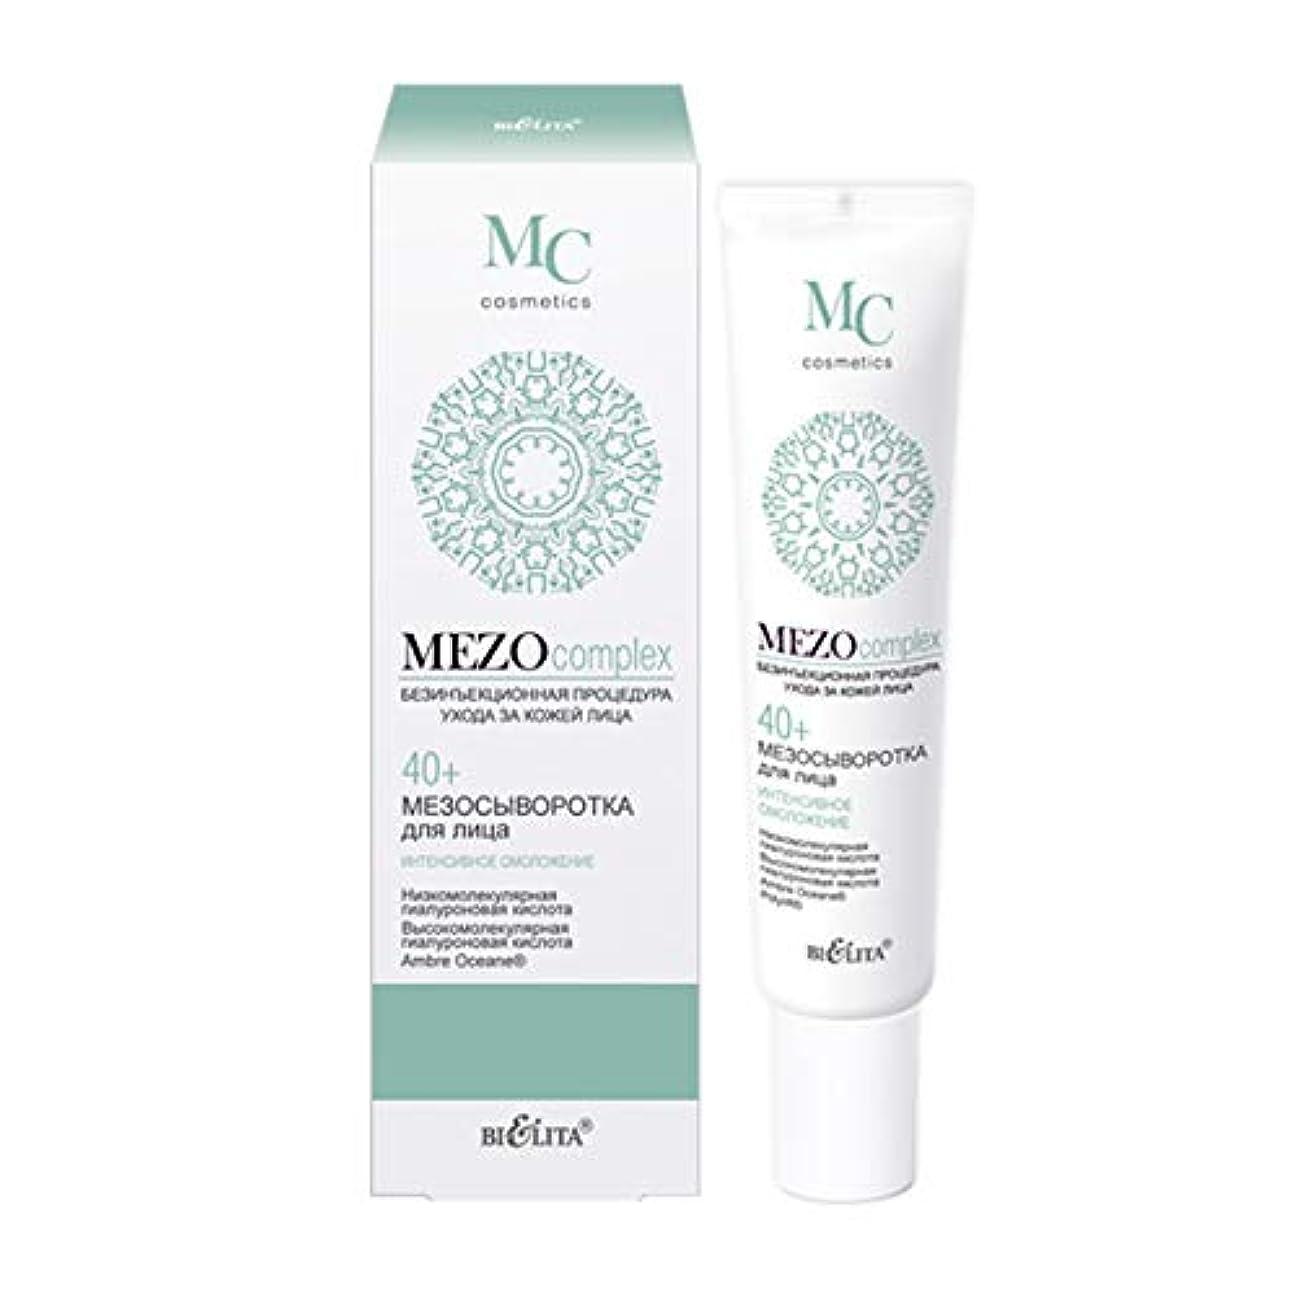 対称大邸宅小道具Mezo complex Serum Intensive Rejuvenation 40+ | Non-injection facial skin care procedure | Ambre Oceane | Polylift...